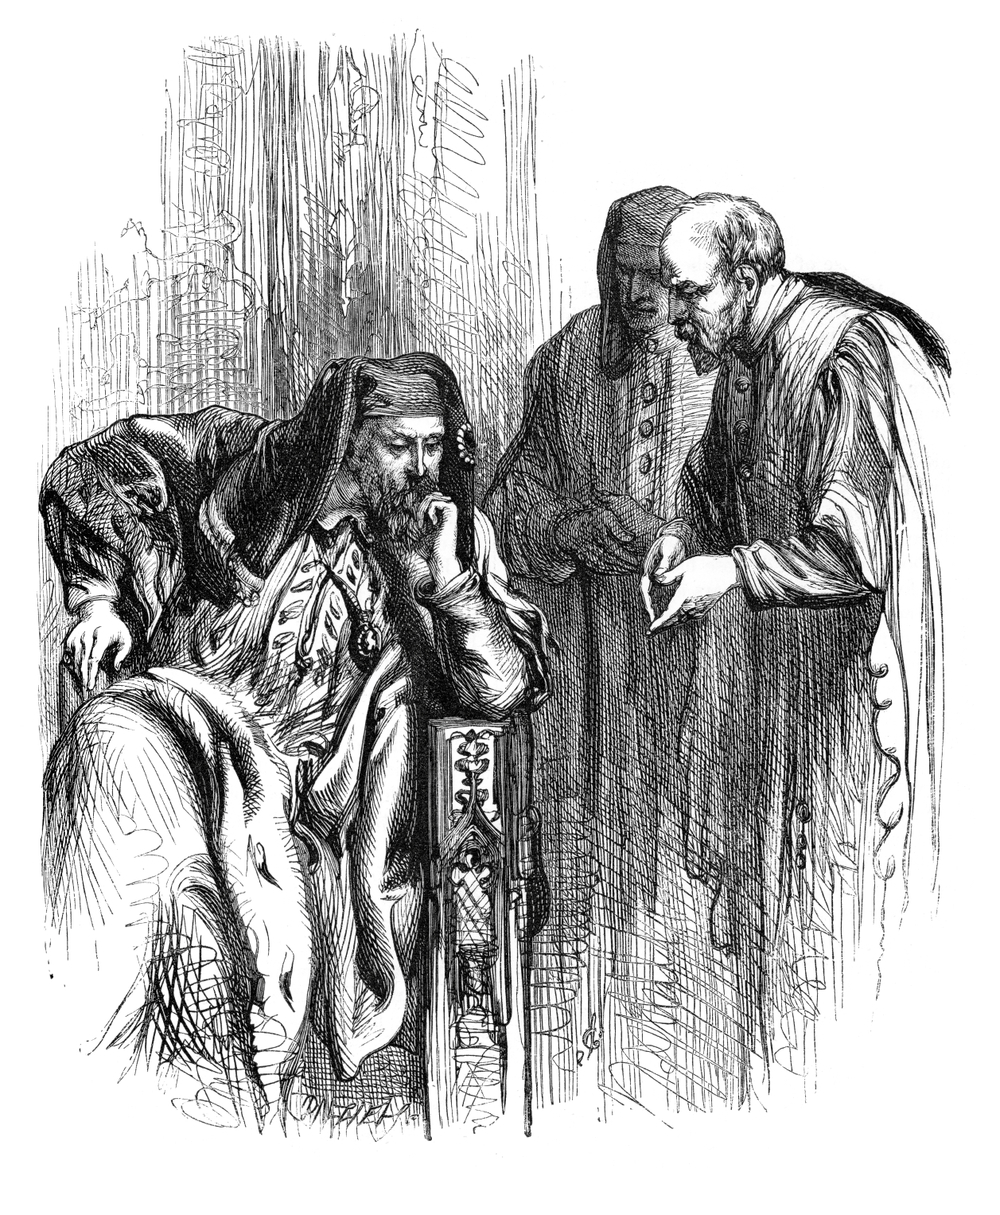 Henry V listening to his advisors.